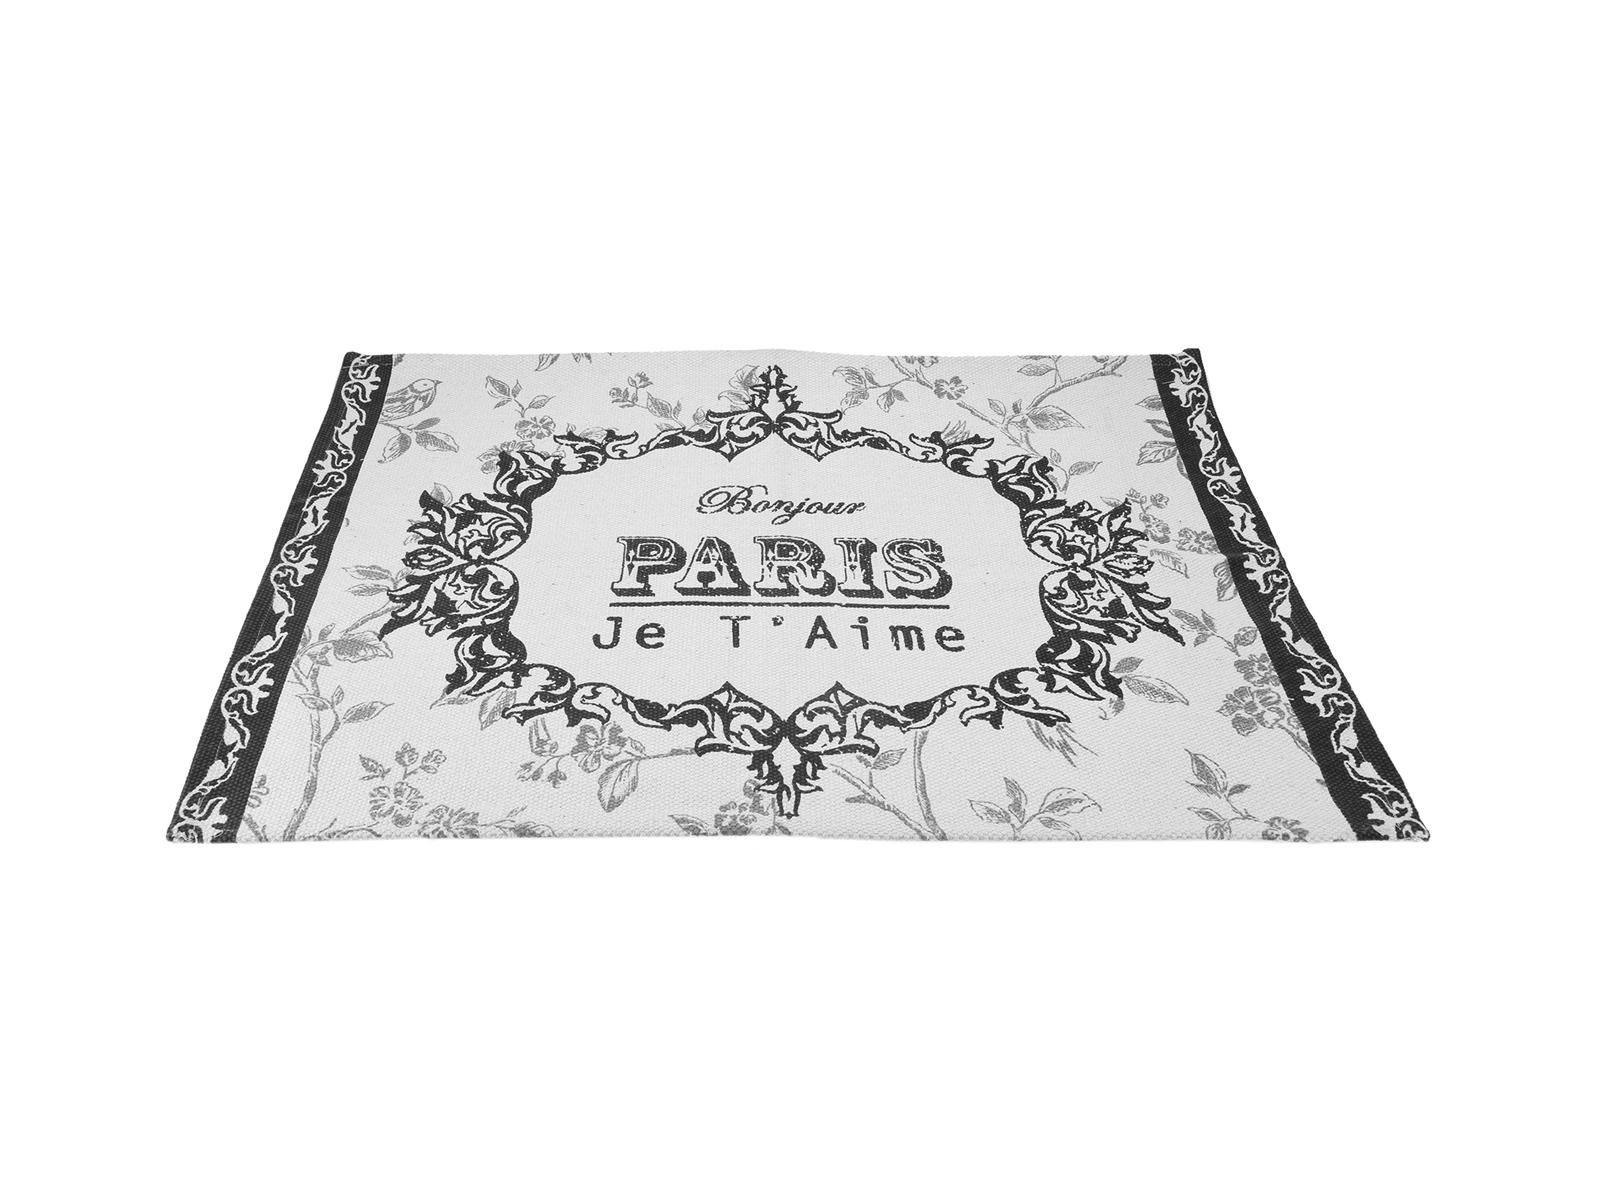 Коврик ParisПрикроватные коврики<br>Прикроватный коврик<br>